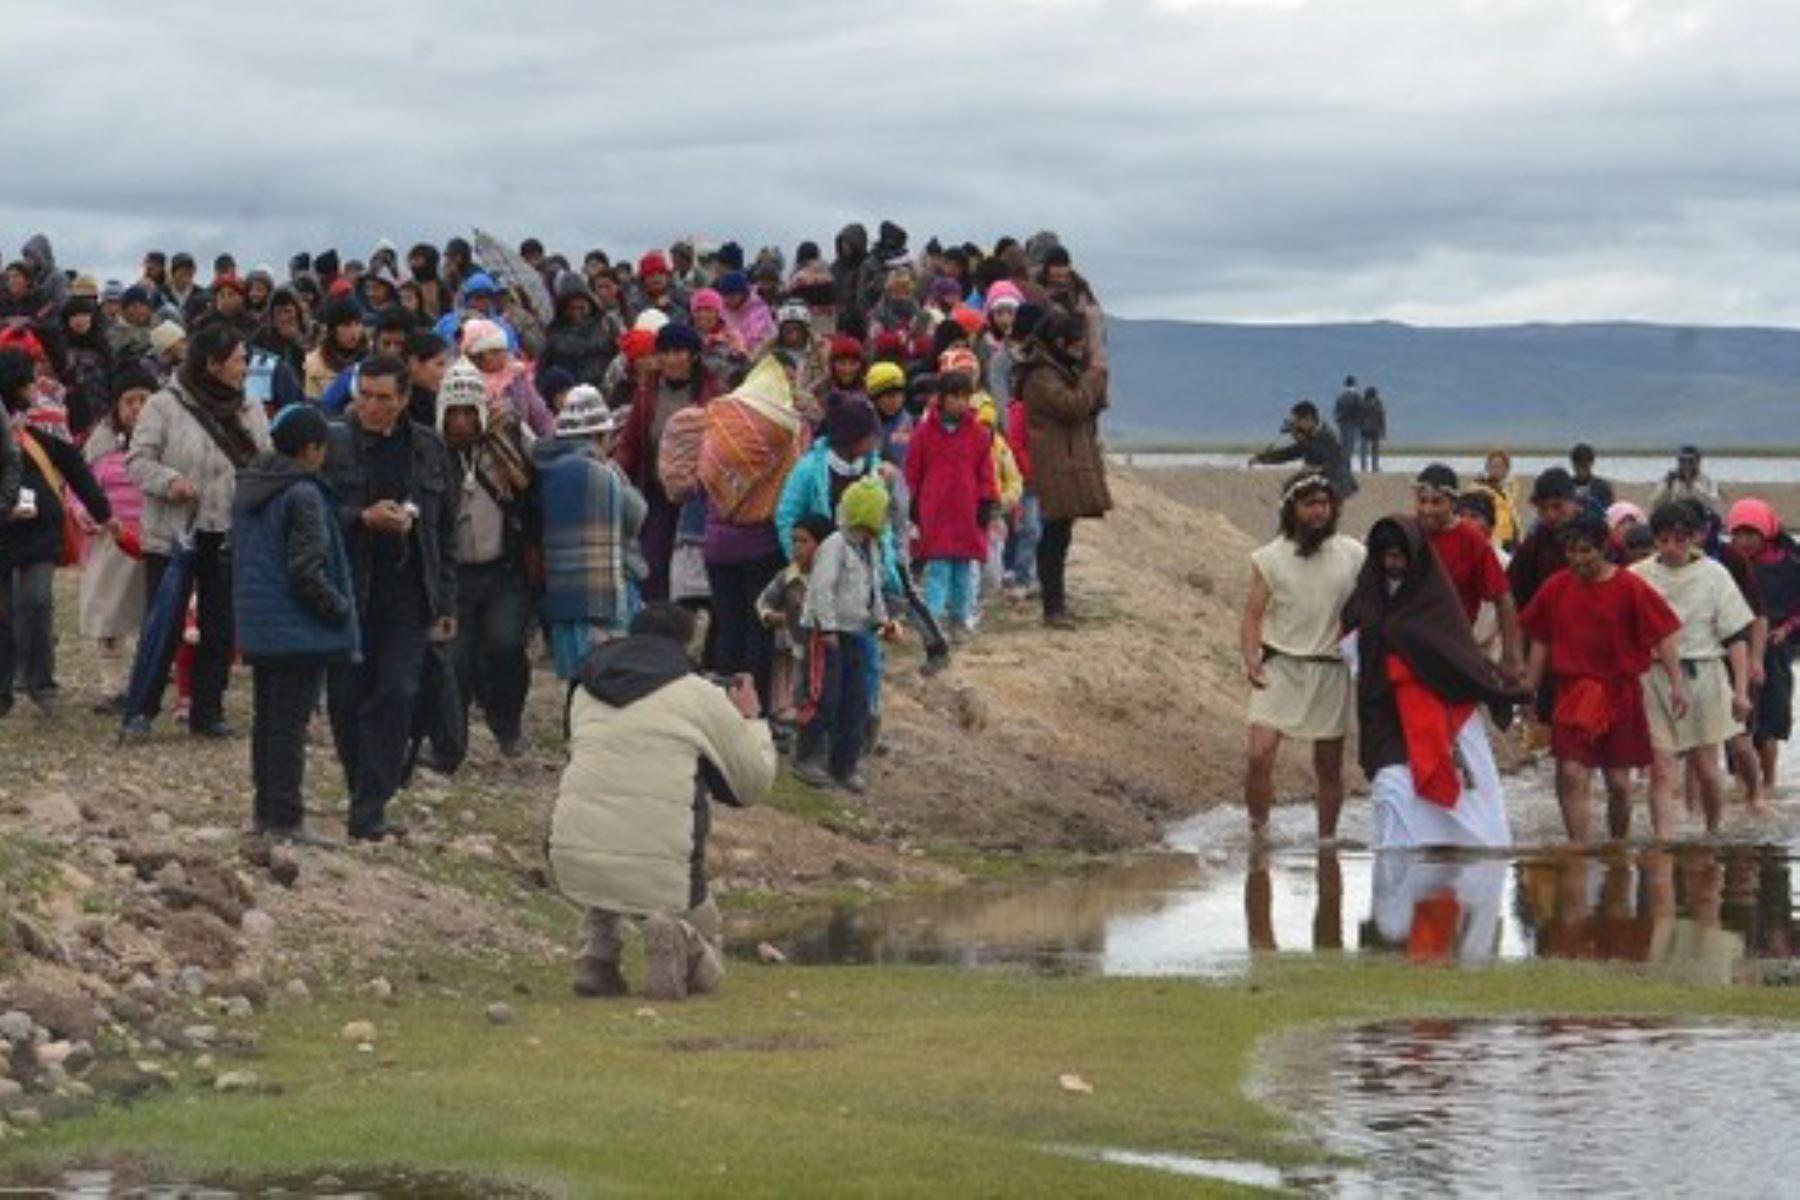 """La escenificación de la """"pesca milagrosa"""", cuando Jesús logra que sus apóstoles logren pescar abundante pescado cuando ellos se habían resignado a tener una jornada estéril, se desarrolló en el distrito de Carhuamayo, en la provincia de Junín, como parte de las celebraciones por Semana Santa."""